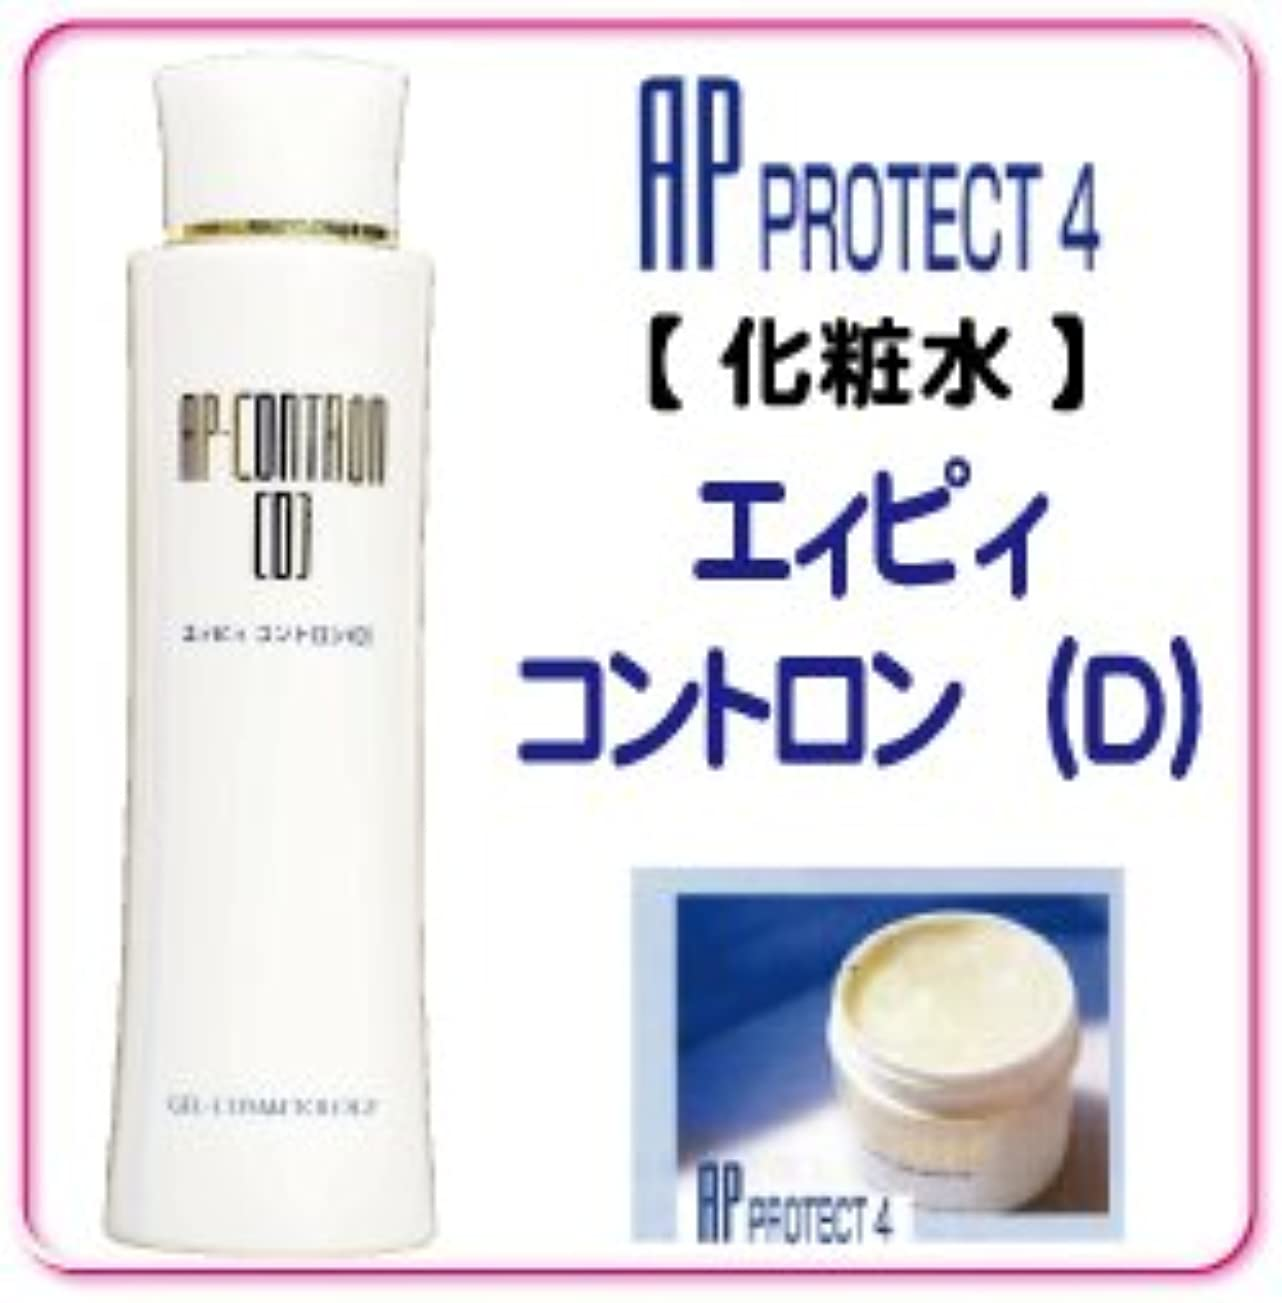 乱雑な頻繁に緯度ベルマン化粧品 APprotectシリーズ  エィピィコントロンD